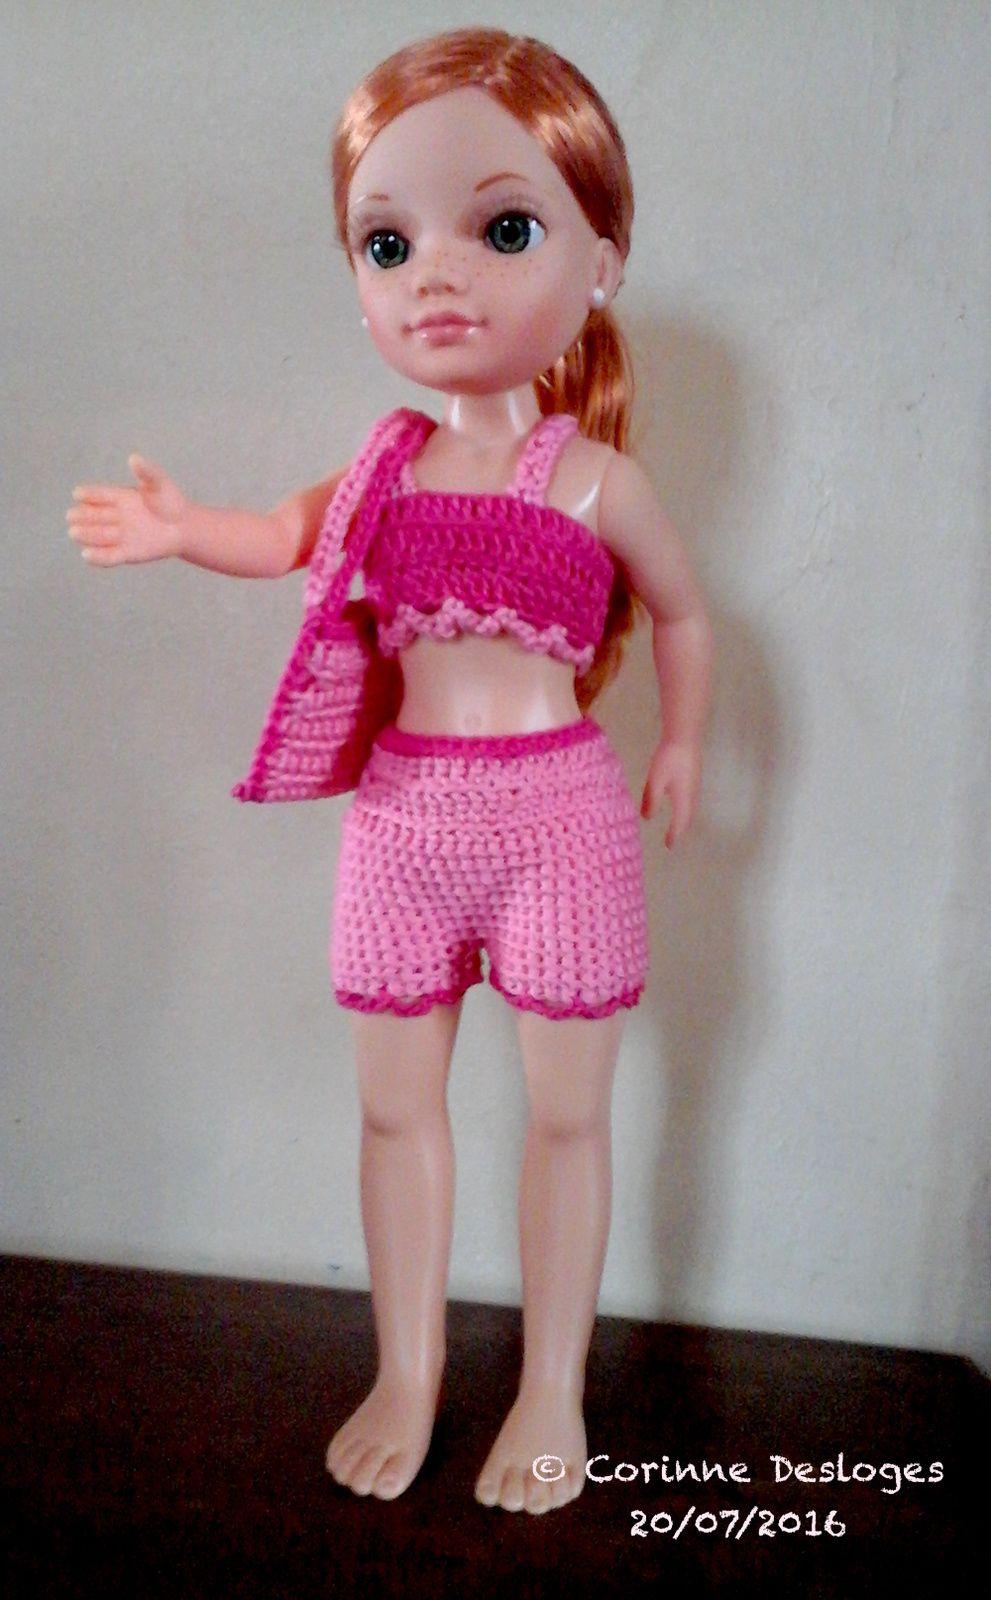 """Sac de plage """"Rosalinde"""" pour poupée Nancy, création personnelle (coton & crochet)"""